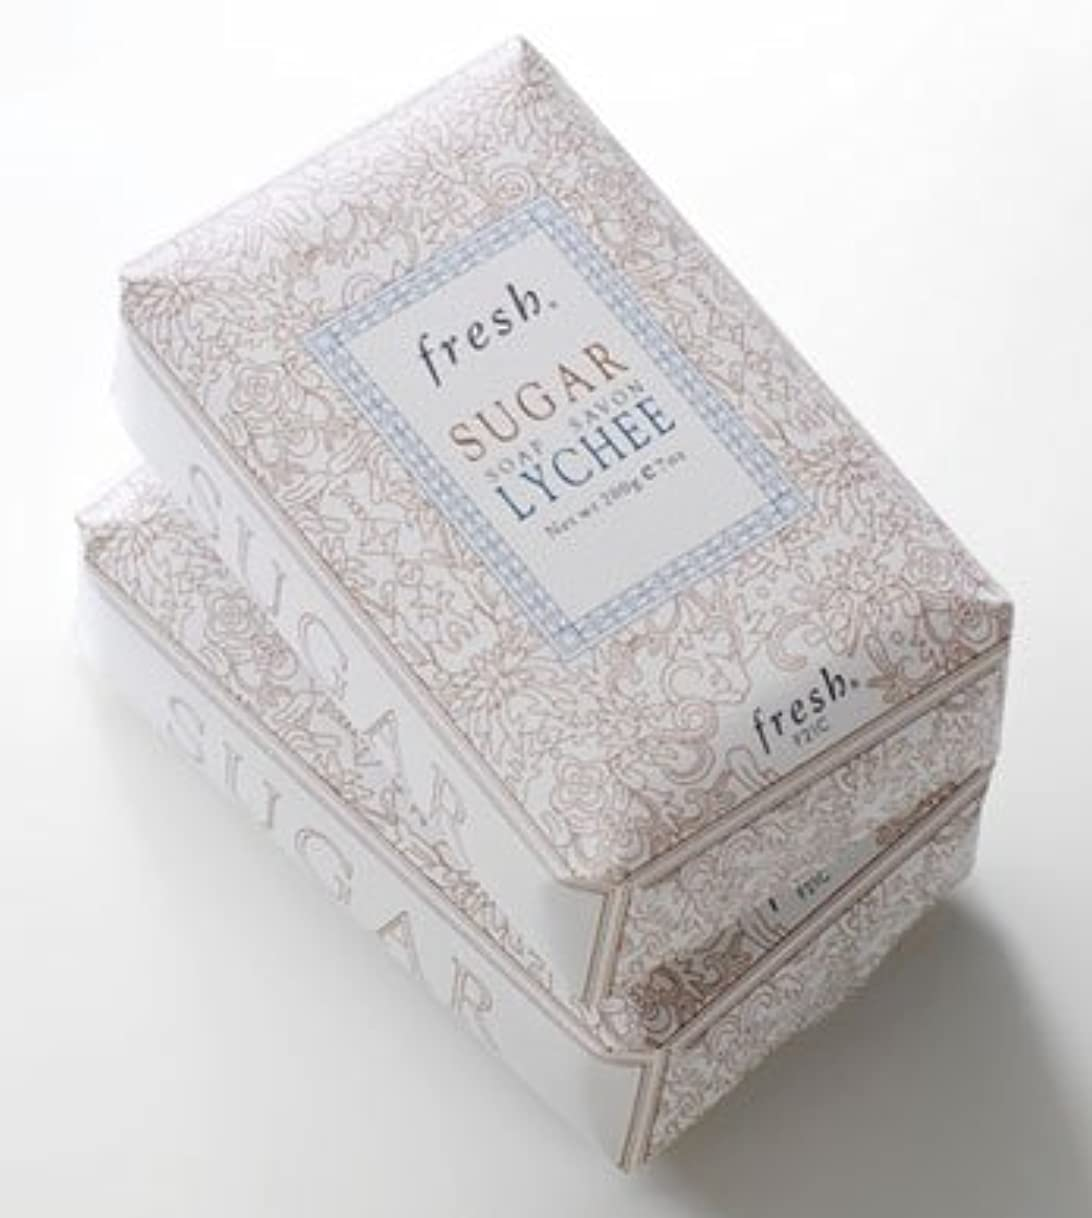 応じる群がるオリエントFresh SUGAR LYCHEE SOAP(フレッシュ シュガーライチ ソープ) 7.0 oz (210g) by Fresh for Women